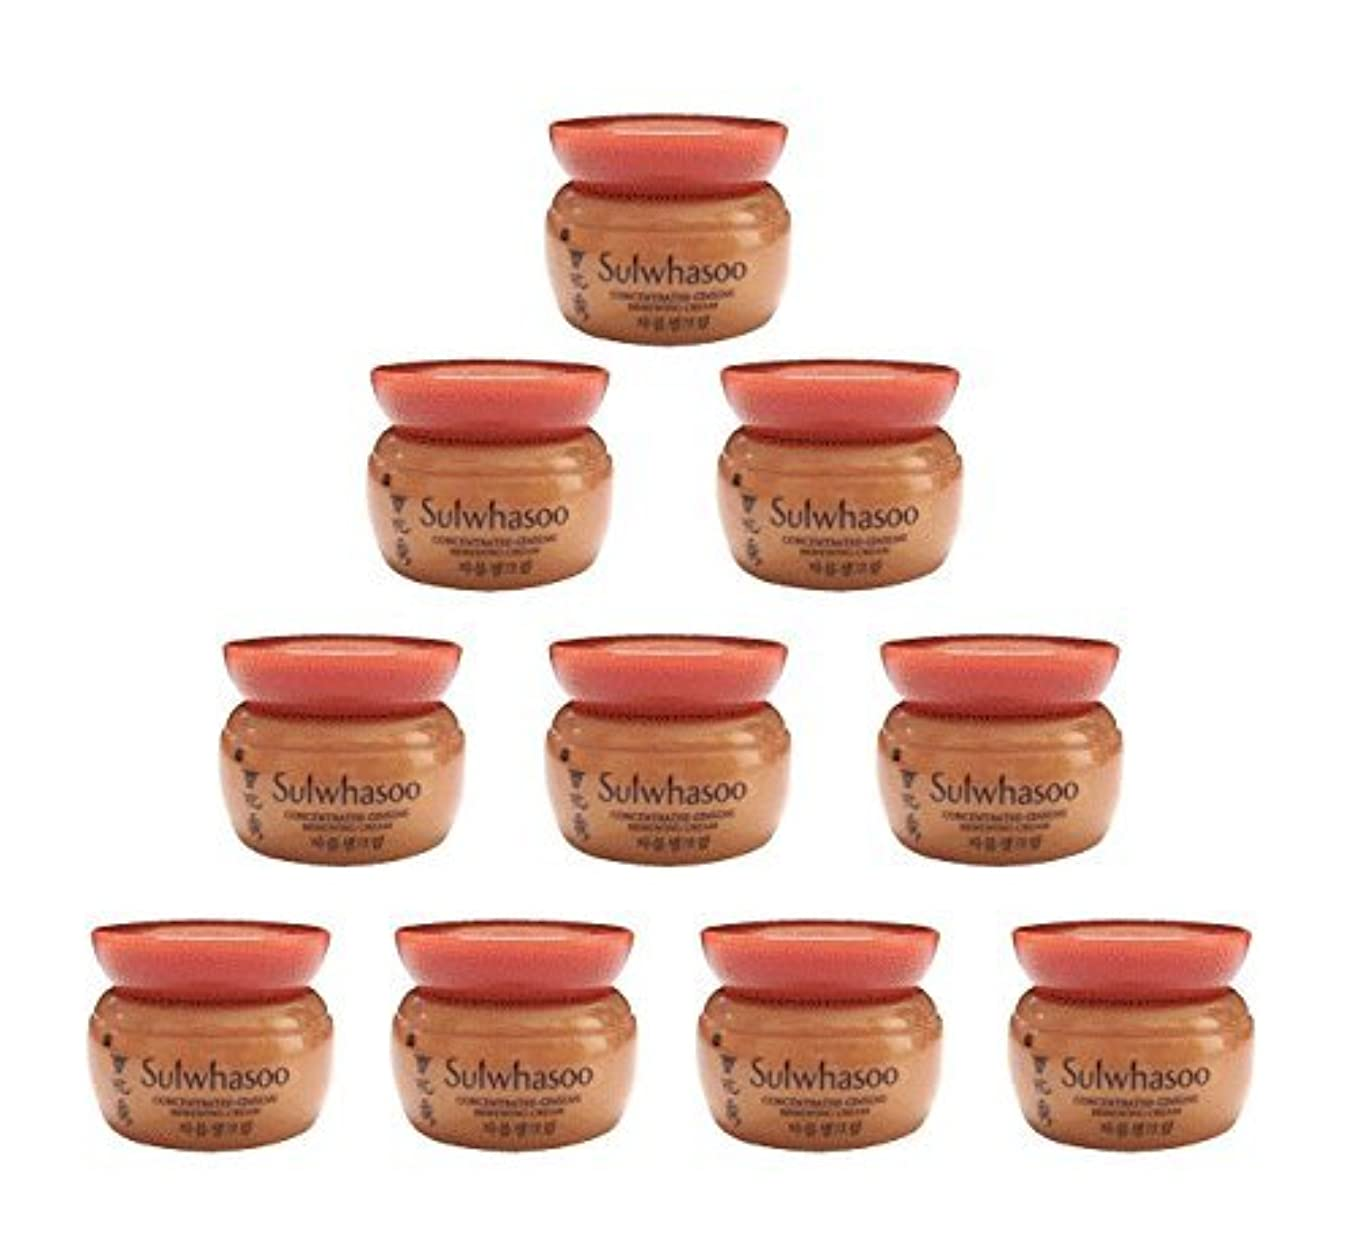 不安石油激しい【ソルファス 雪花秀 Sulwhasoo】 Concentrated Ginseng Renewing Cream(50ml) 5ml x 10個 韓国化粧品 ブランドのサンプル [並行輸入品]